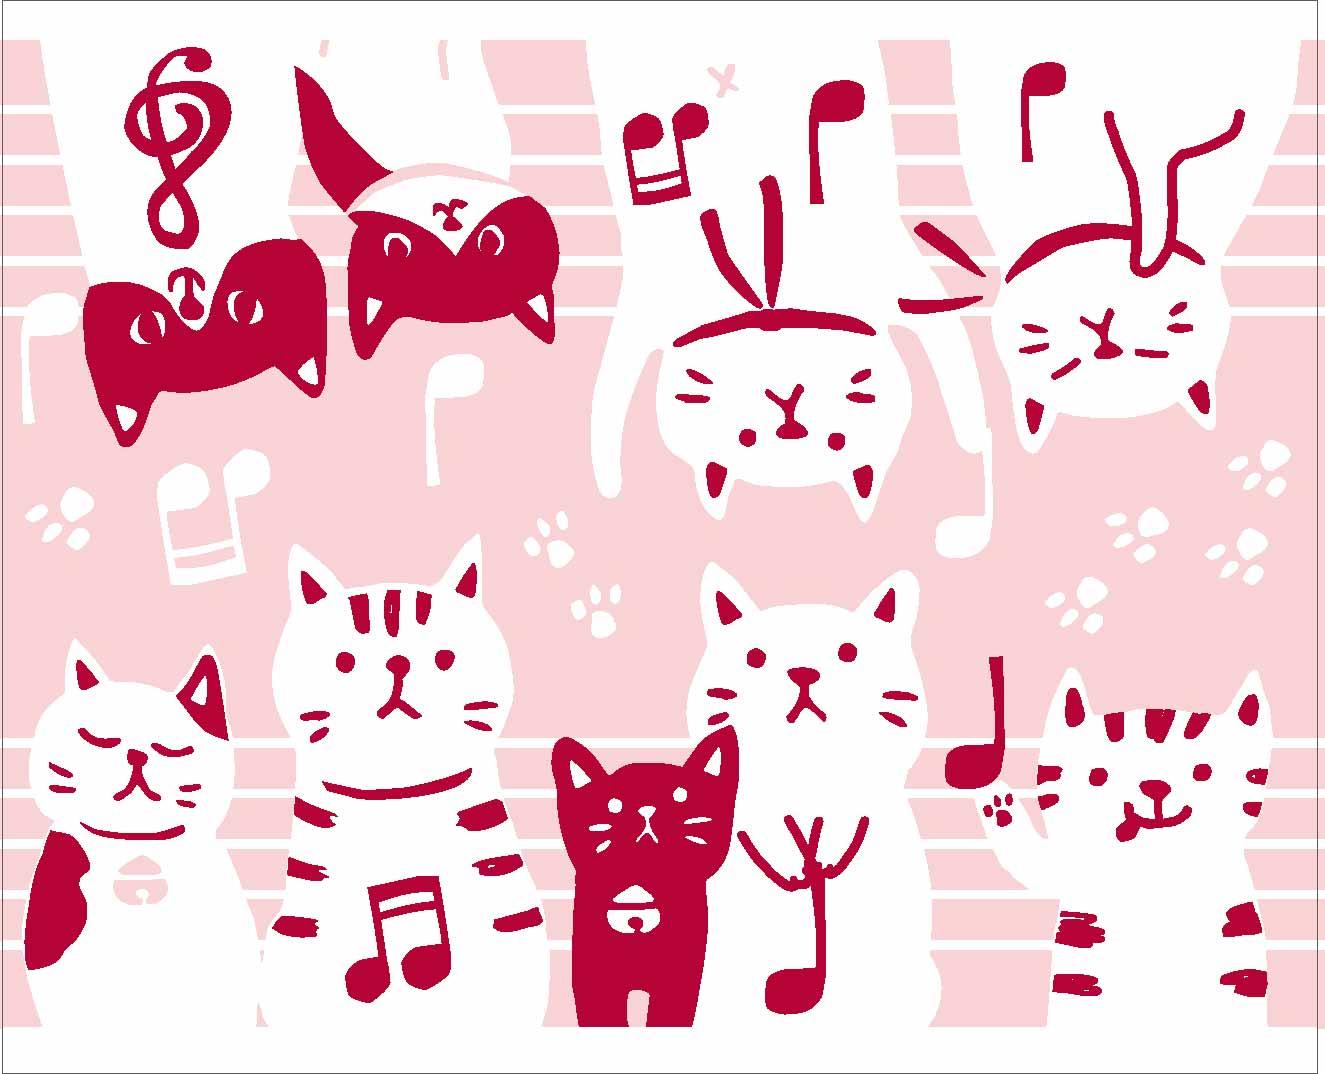 タオルハンカチ ♪※在庫有りと書いてあっても、お取り寄せ商品は受注後にメーカー注文になります。※☆【音符・小物グッズ-音楽雑貨】【音楽雑貨】  音楽グッズ  <br>バレエ発表会 記念品 プレゼントに最適 ♪